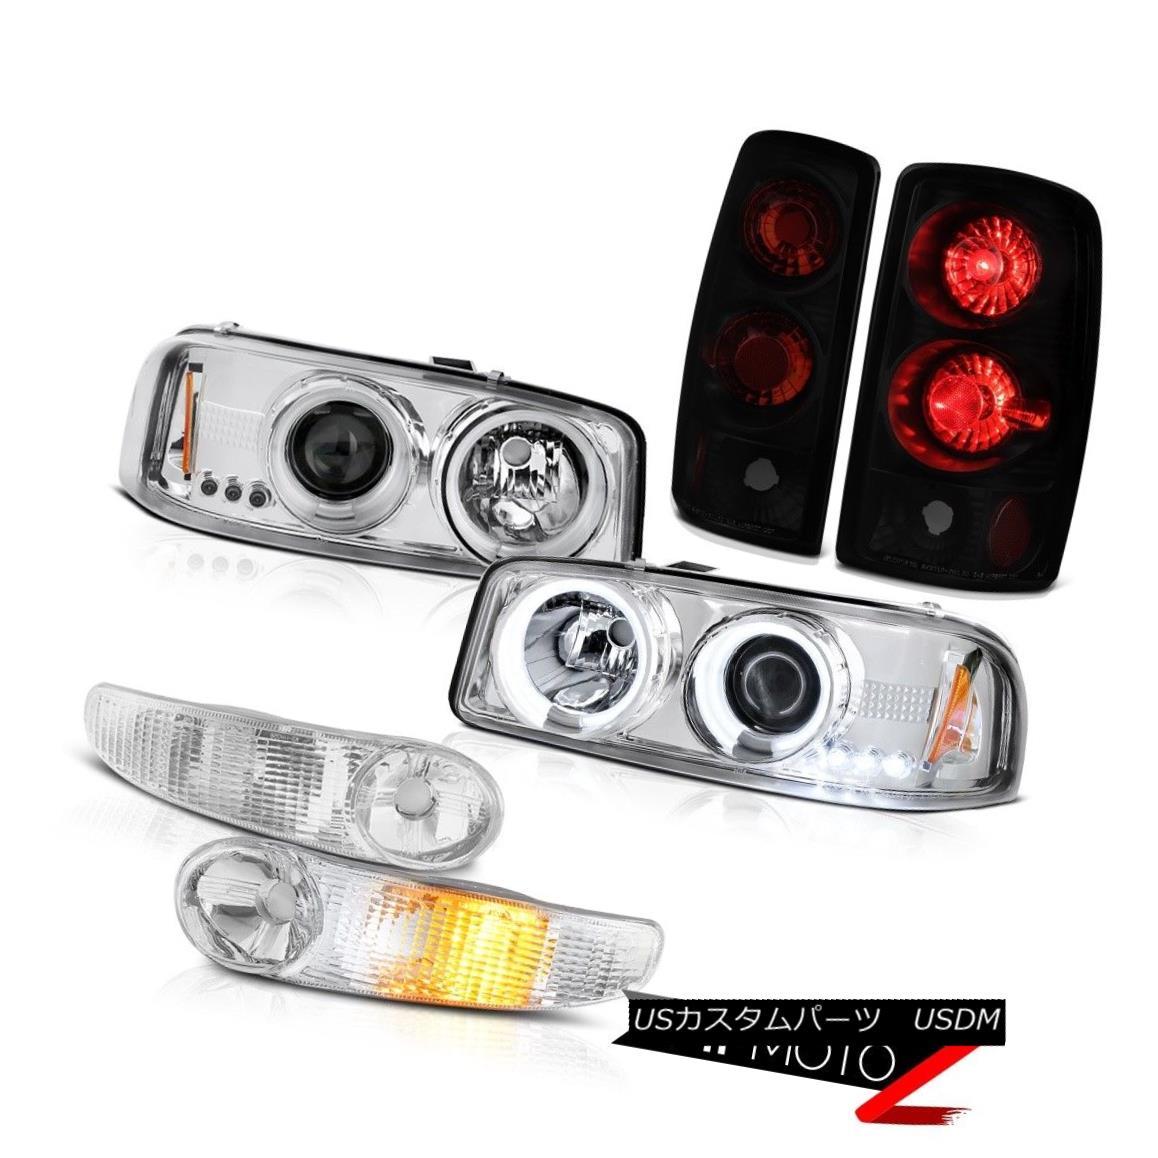 ヘッドライト 00-06 Yukon Denali DRL Halo CCFL Headlight Chrome Parking Black Smoke Tail Light 00-06ユーコンデナリDRLハローCCFLヘッドライトクロームパーキングブラックスモークテールライト